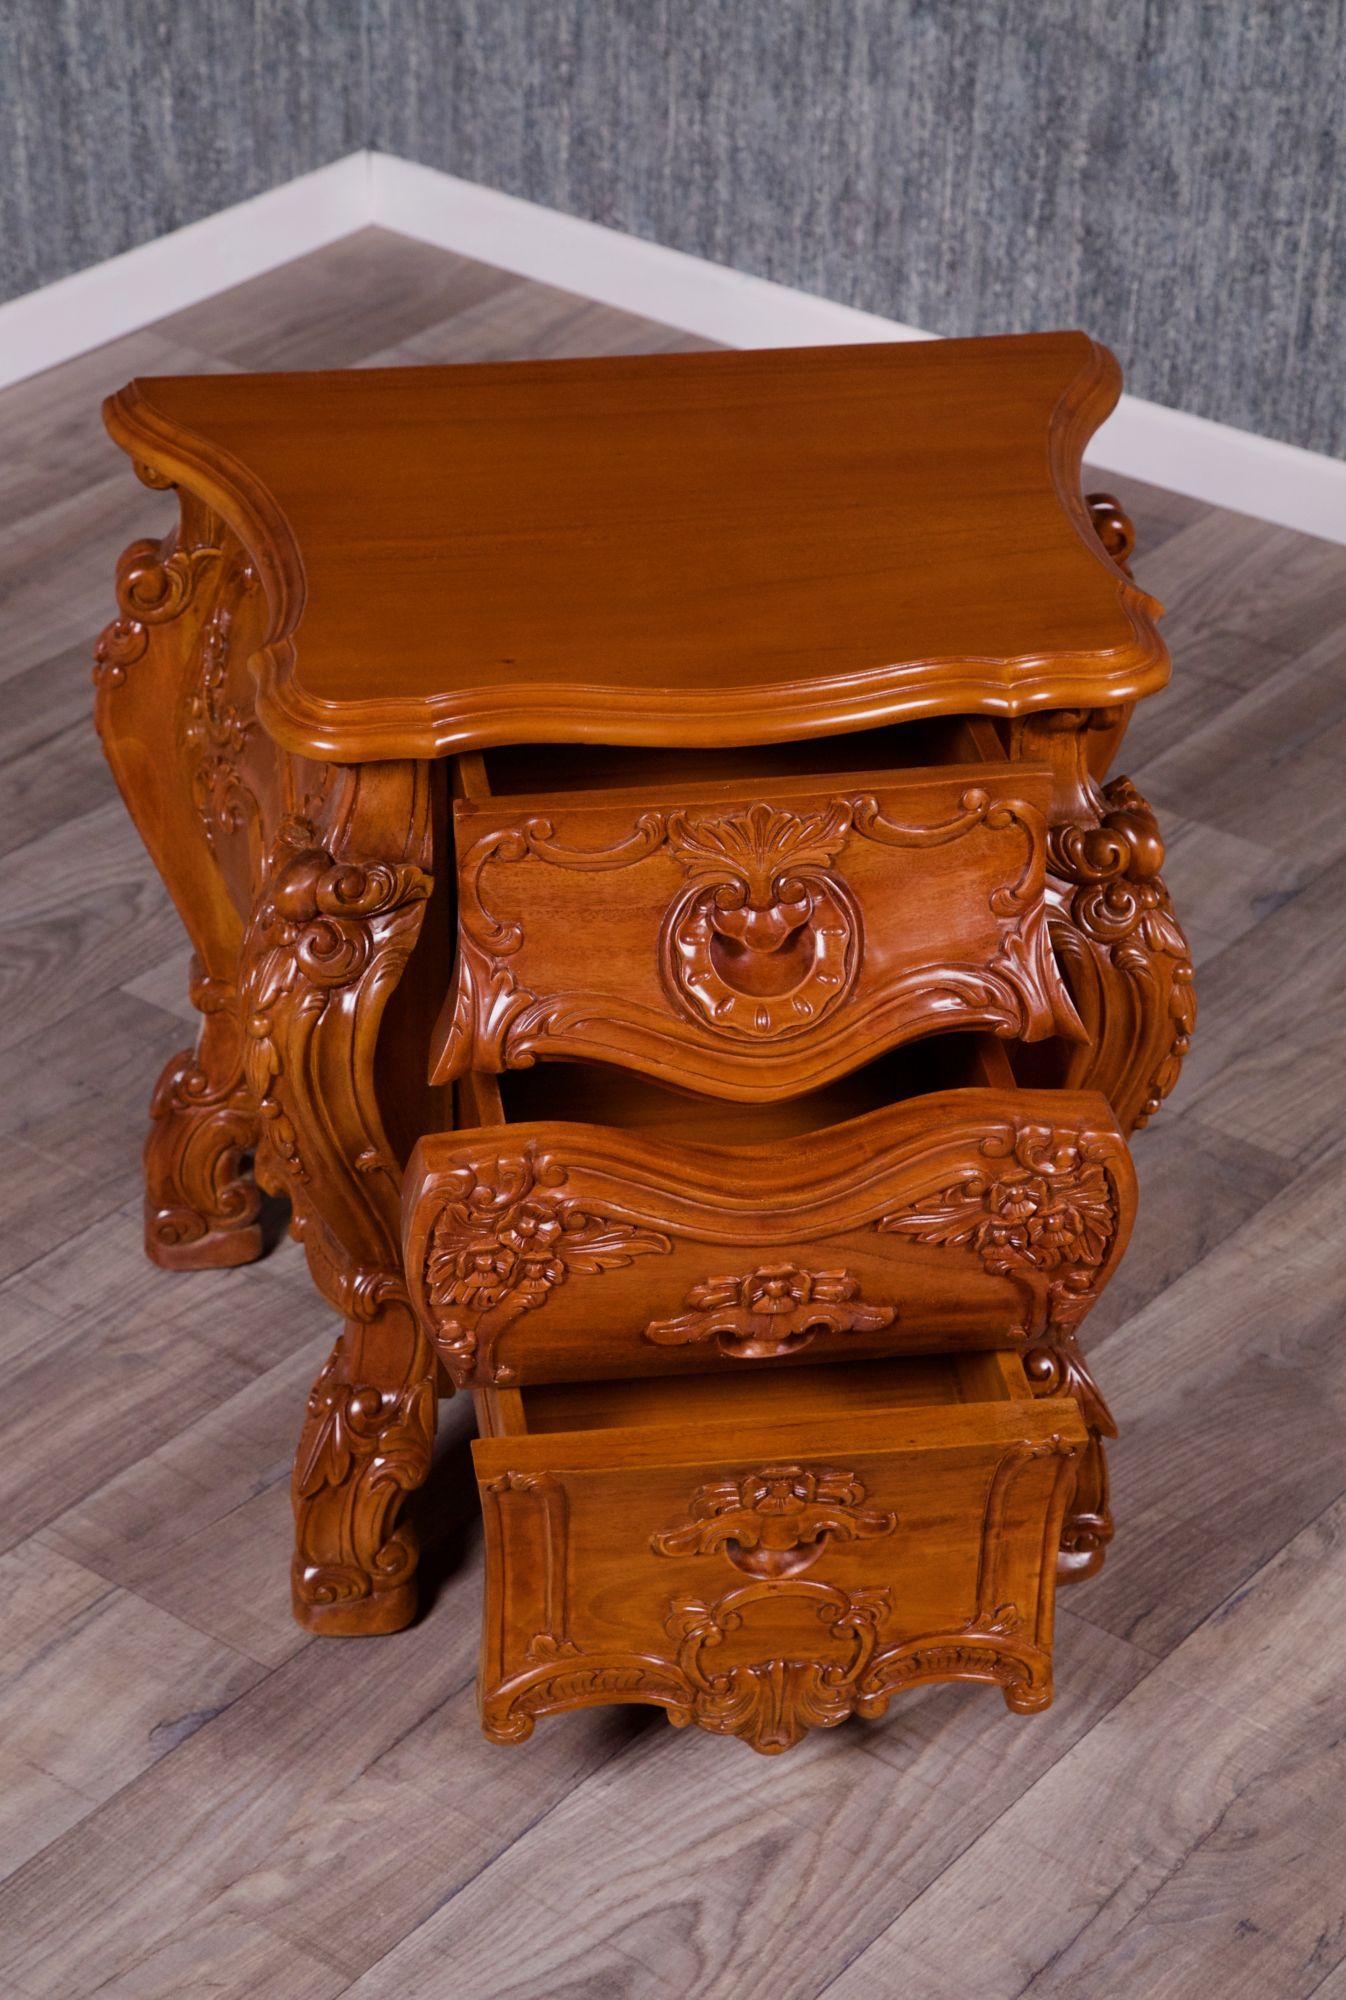 barock nachttisch rtn nachttische onlineshop repro. Black Bedroom Furniture Sets. Home Design Ideas